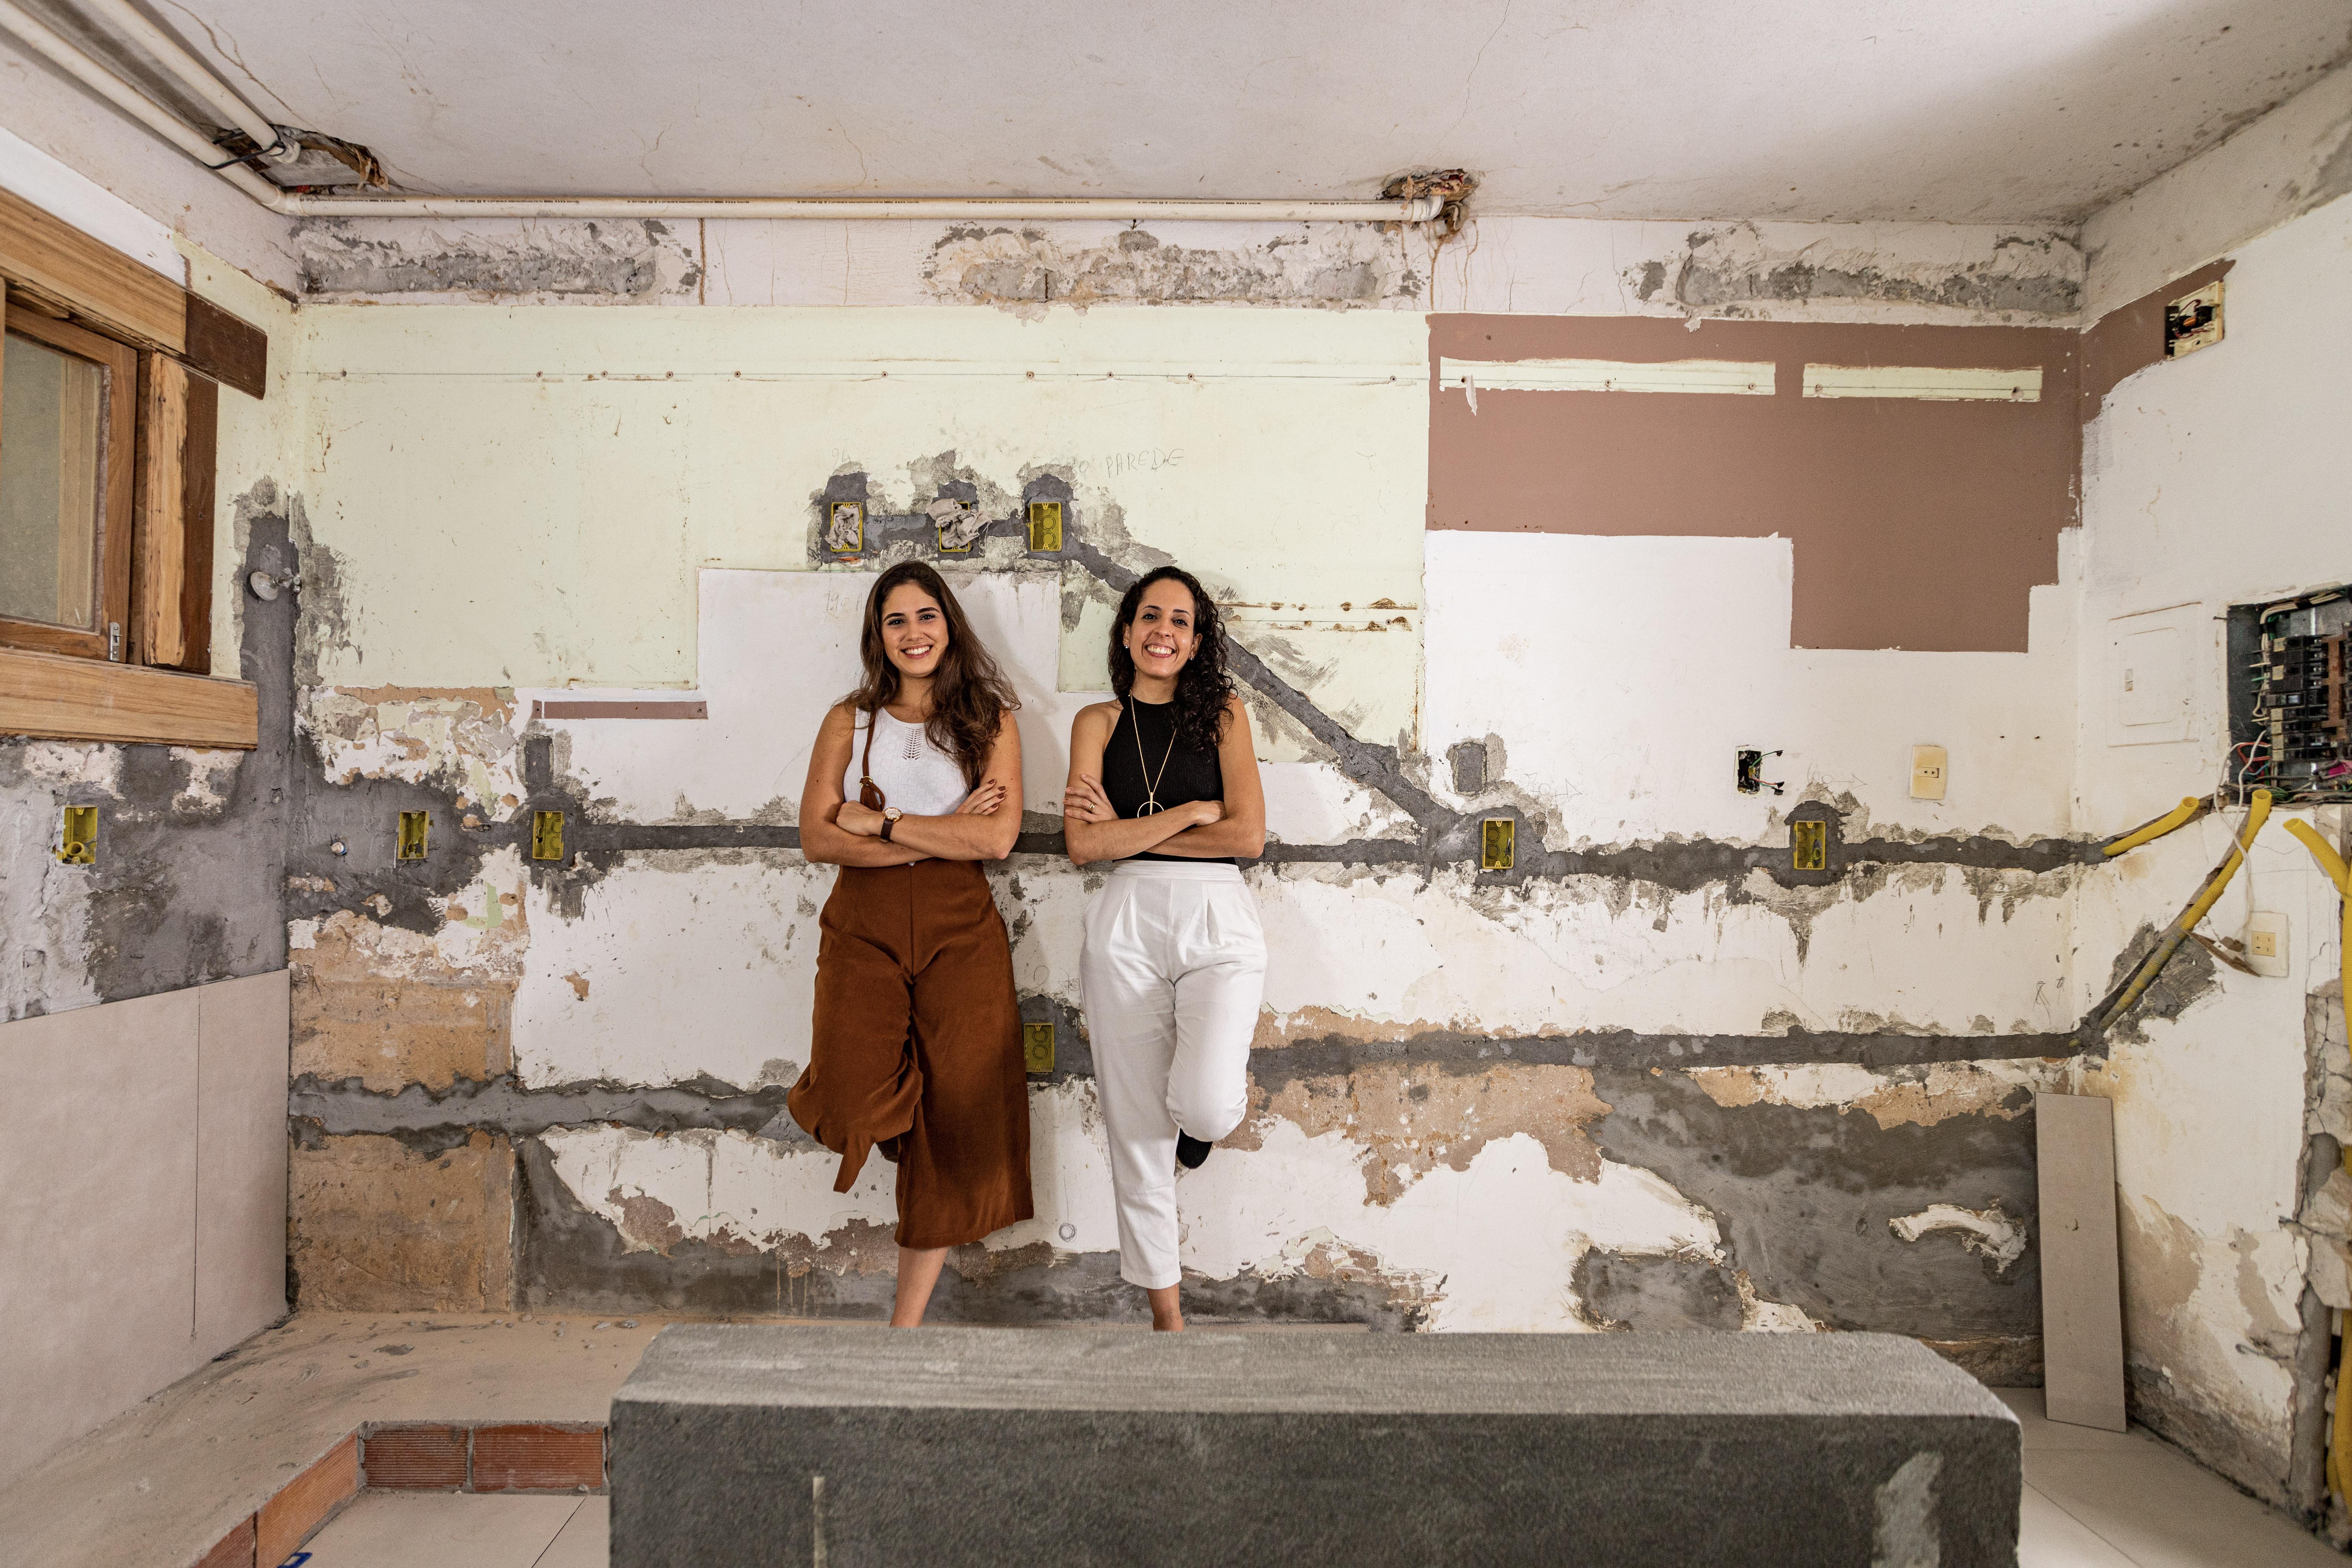 Verão e o reparo das casas, confira  a orientação de Arquitetas especializadas